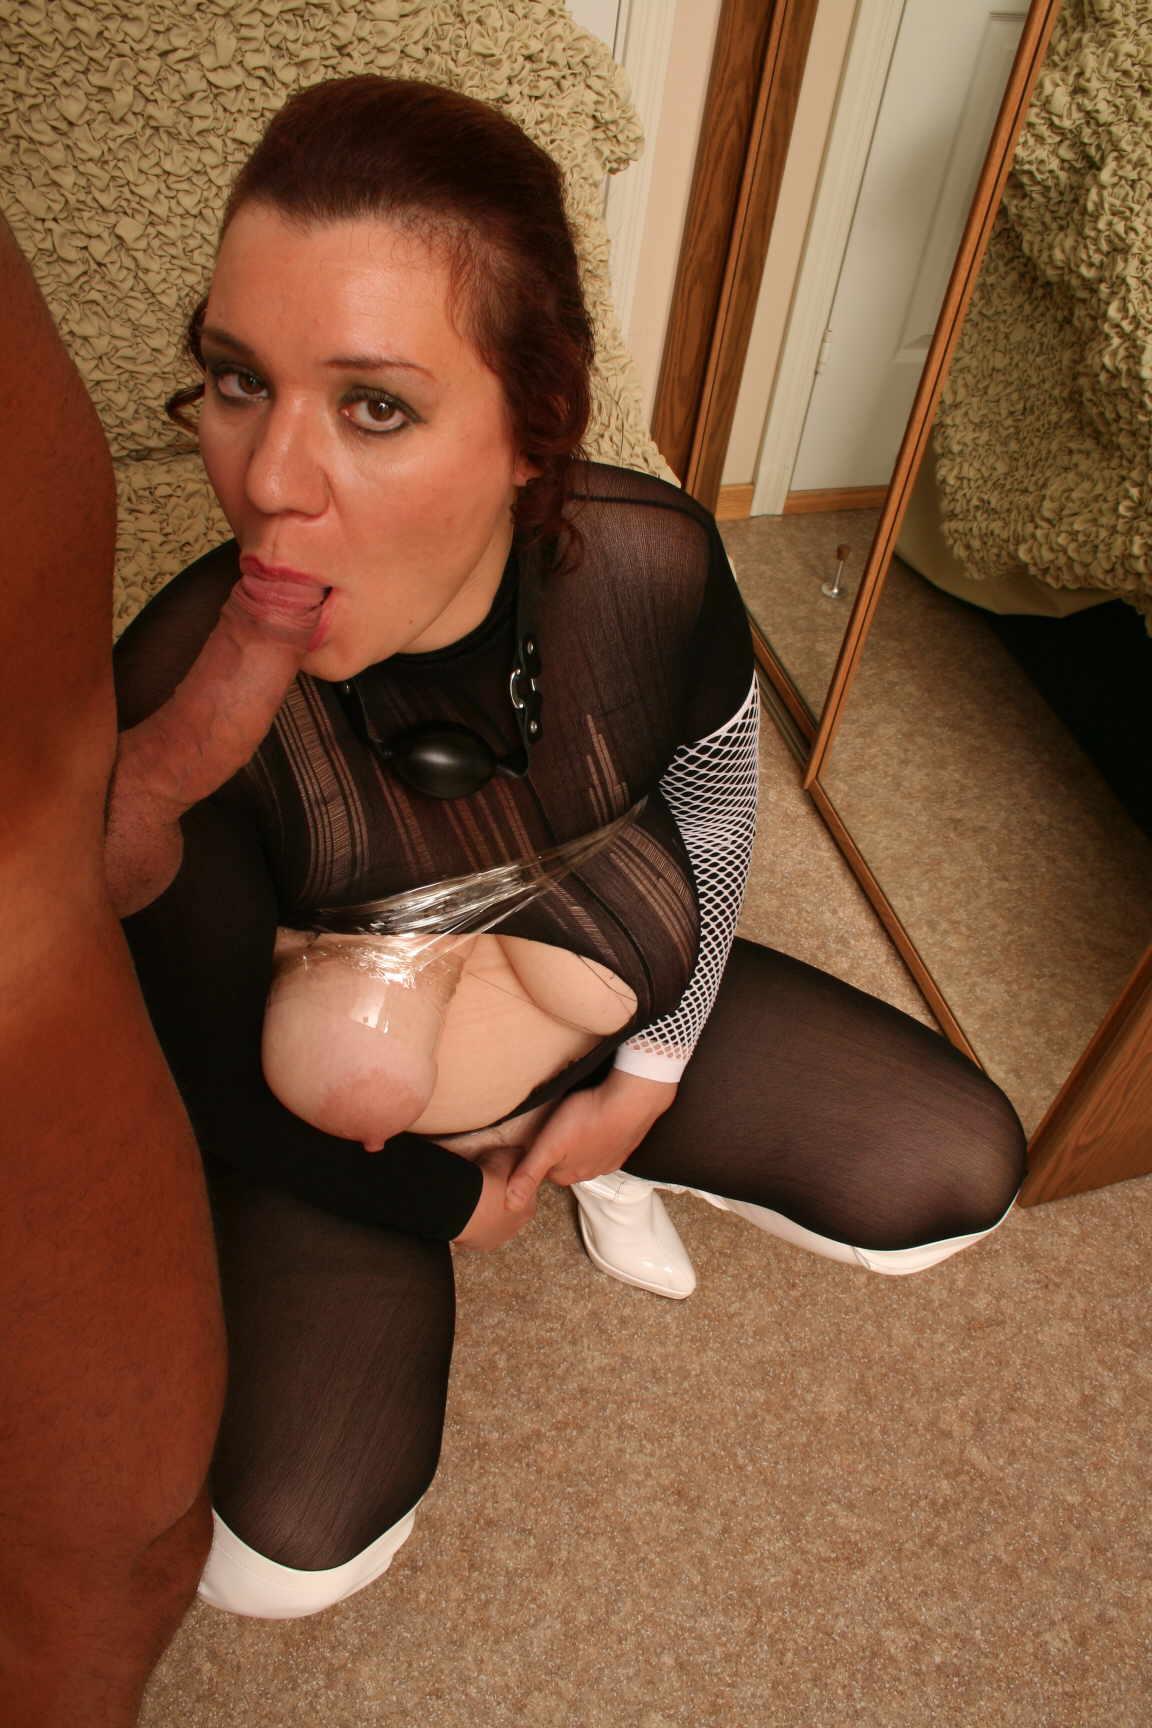 Mature Adultress 19